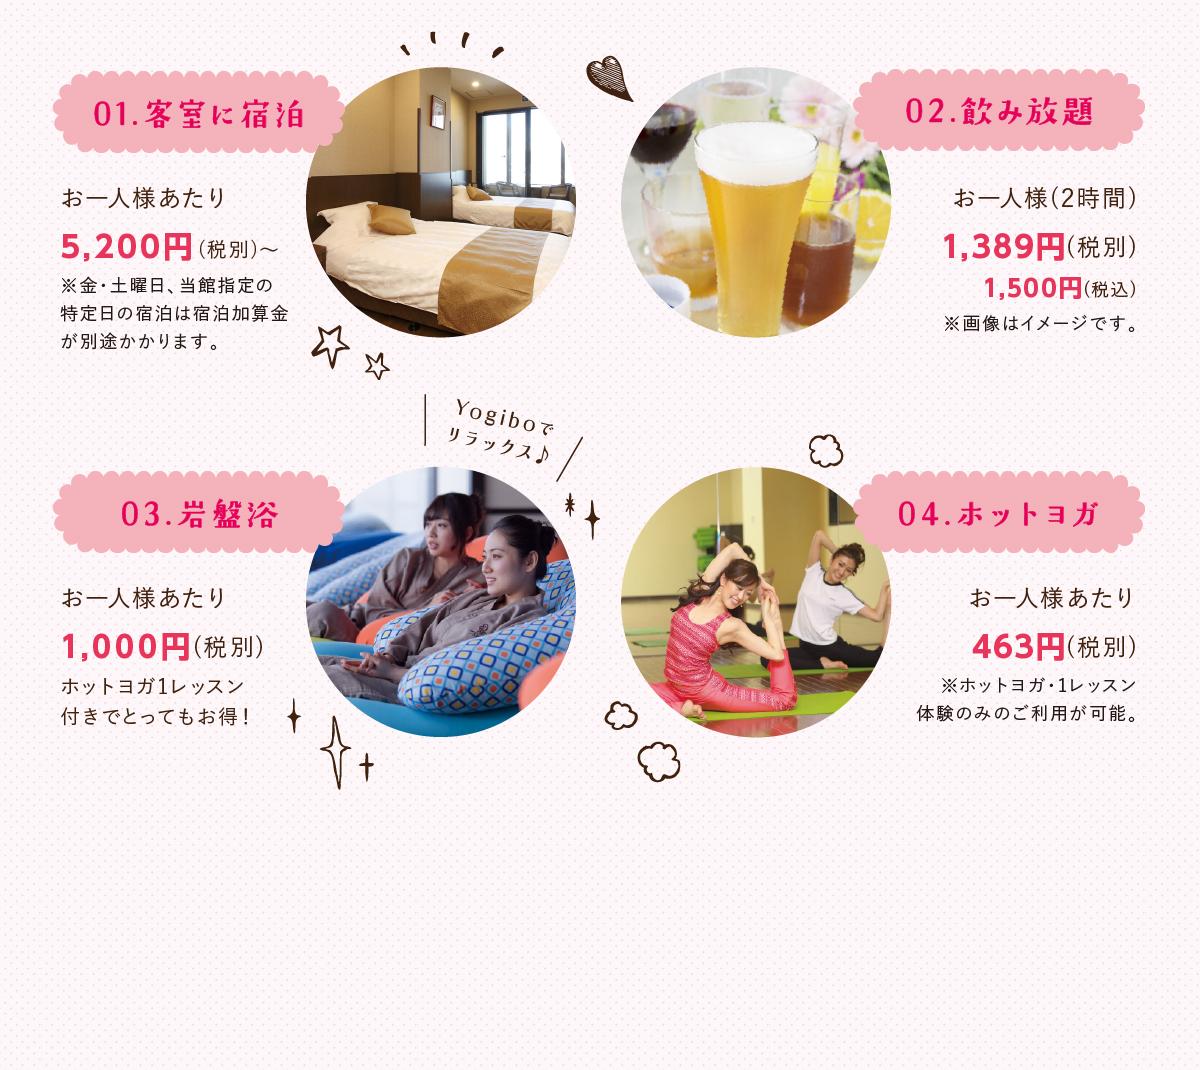 2時間飲み放題のオプションに加え、岩盤浴やホットヨガの利用も選べる充実ぶり!広々とした客室に宿泊ができる女子会プランがあるのは万葉倶_部神戸だけ!